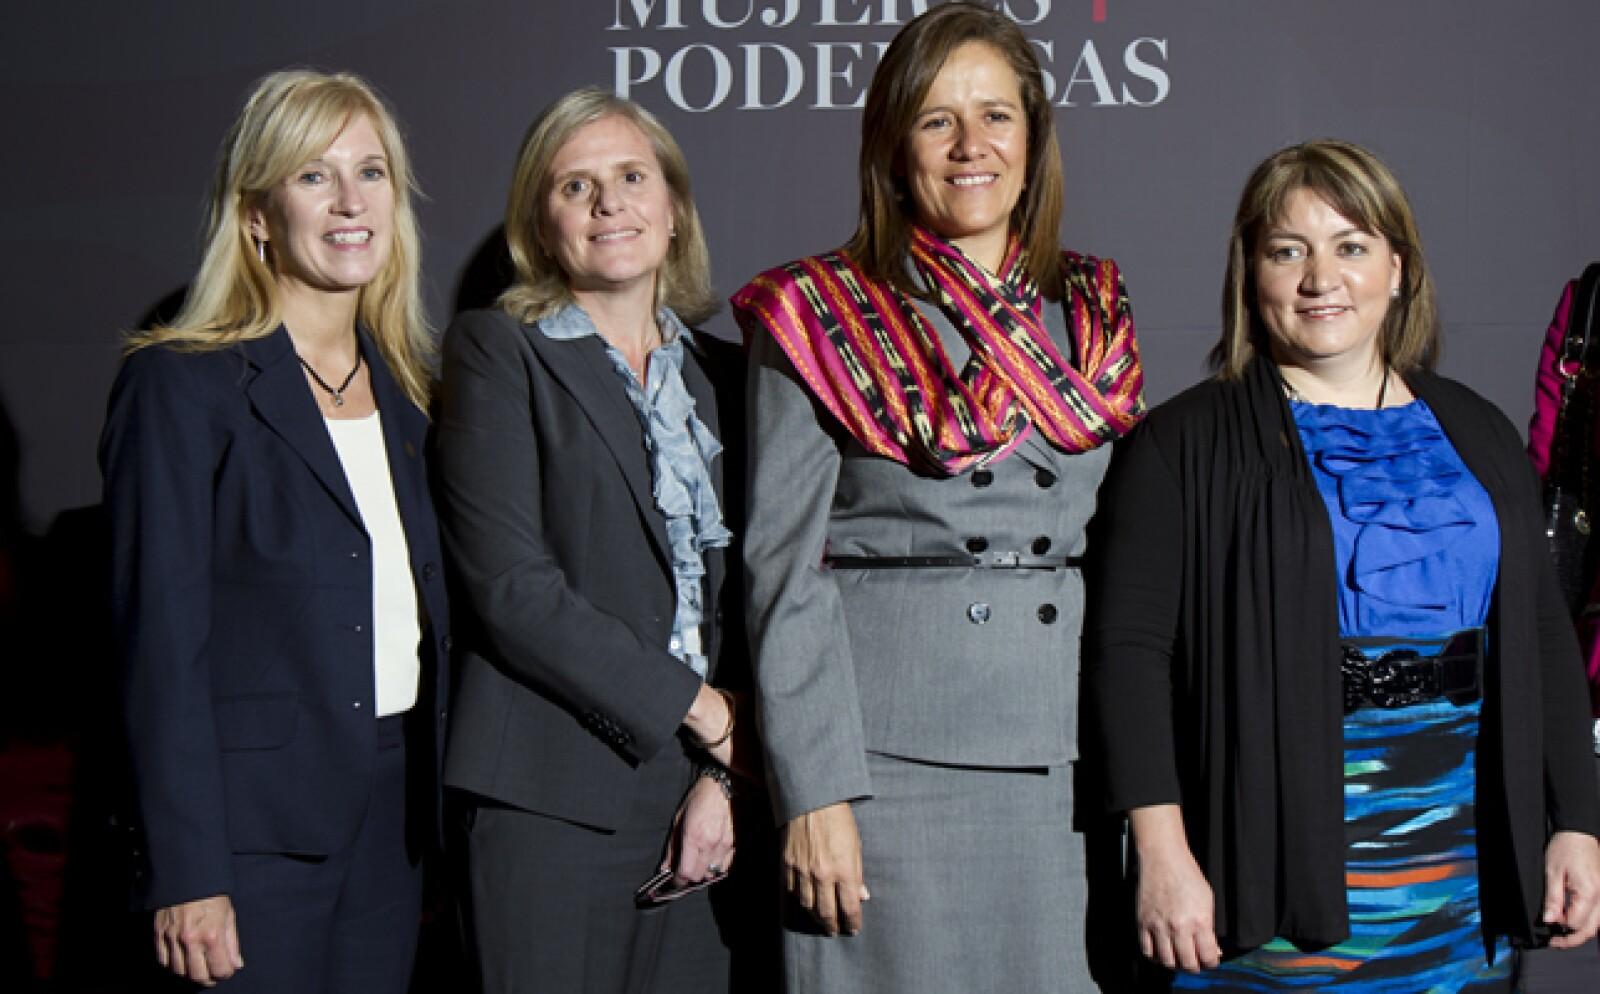 Las asistentes aprovecharon para charlas y tomarse la foto con Margarita Zavala. En la imagen, con María Inés Cravioto, directora ejecutiva de finanzas de General Motors (segunda de izquierda a derecha).